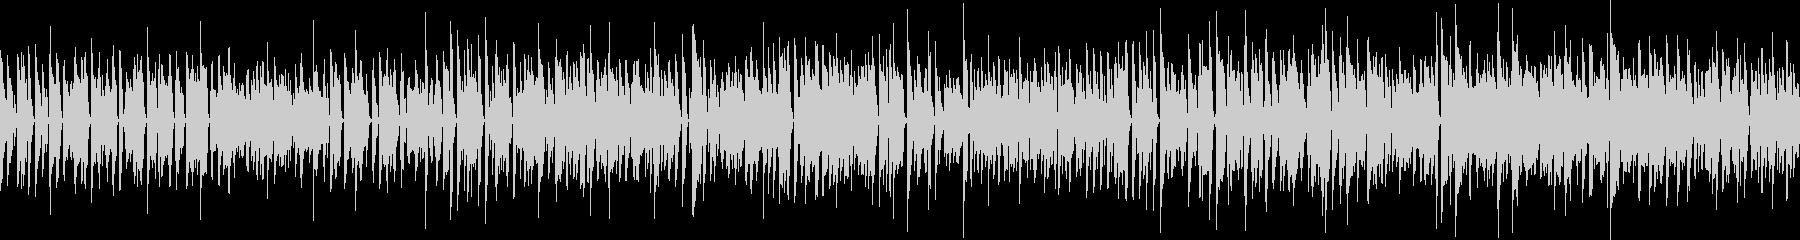 原始人のテーマ (ループ仕様)の未再生の波形